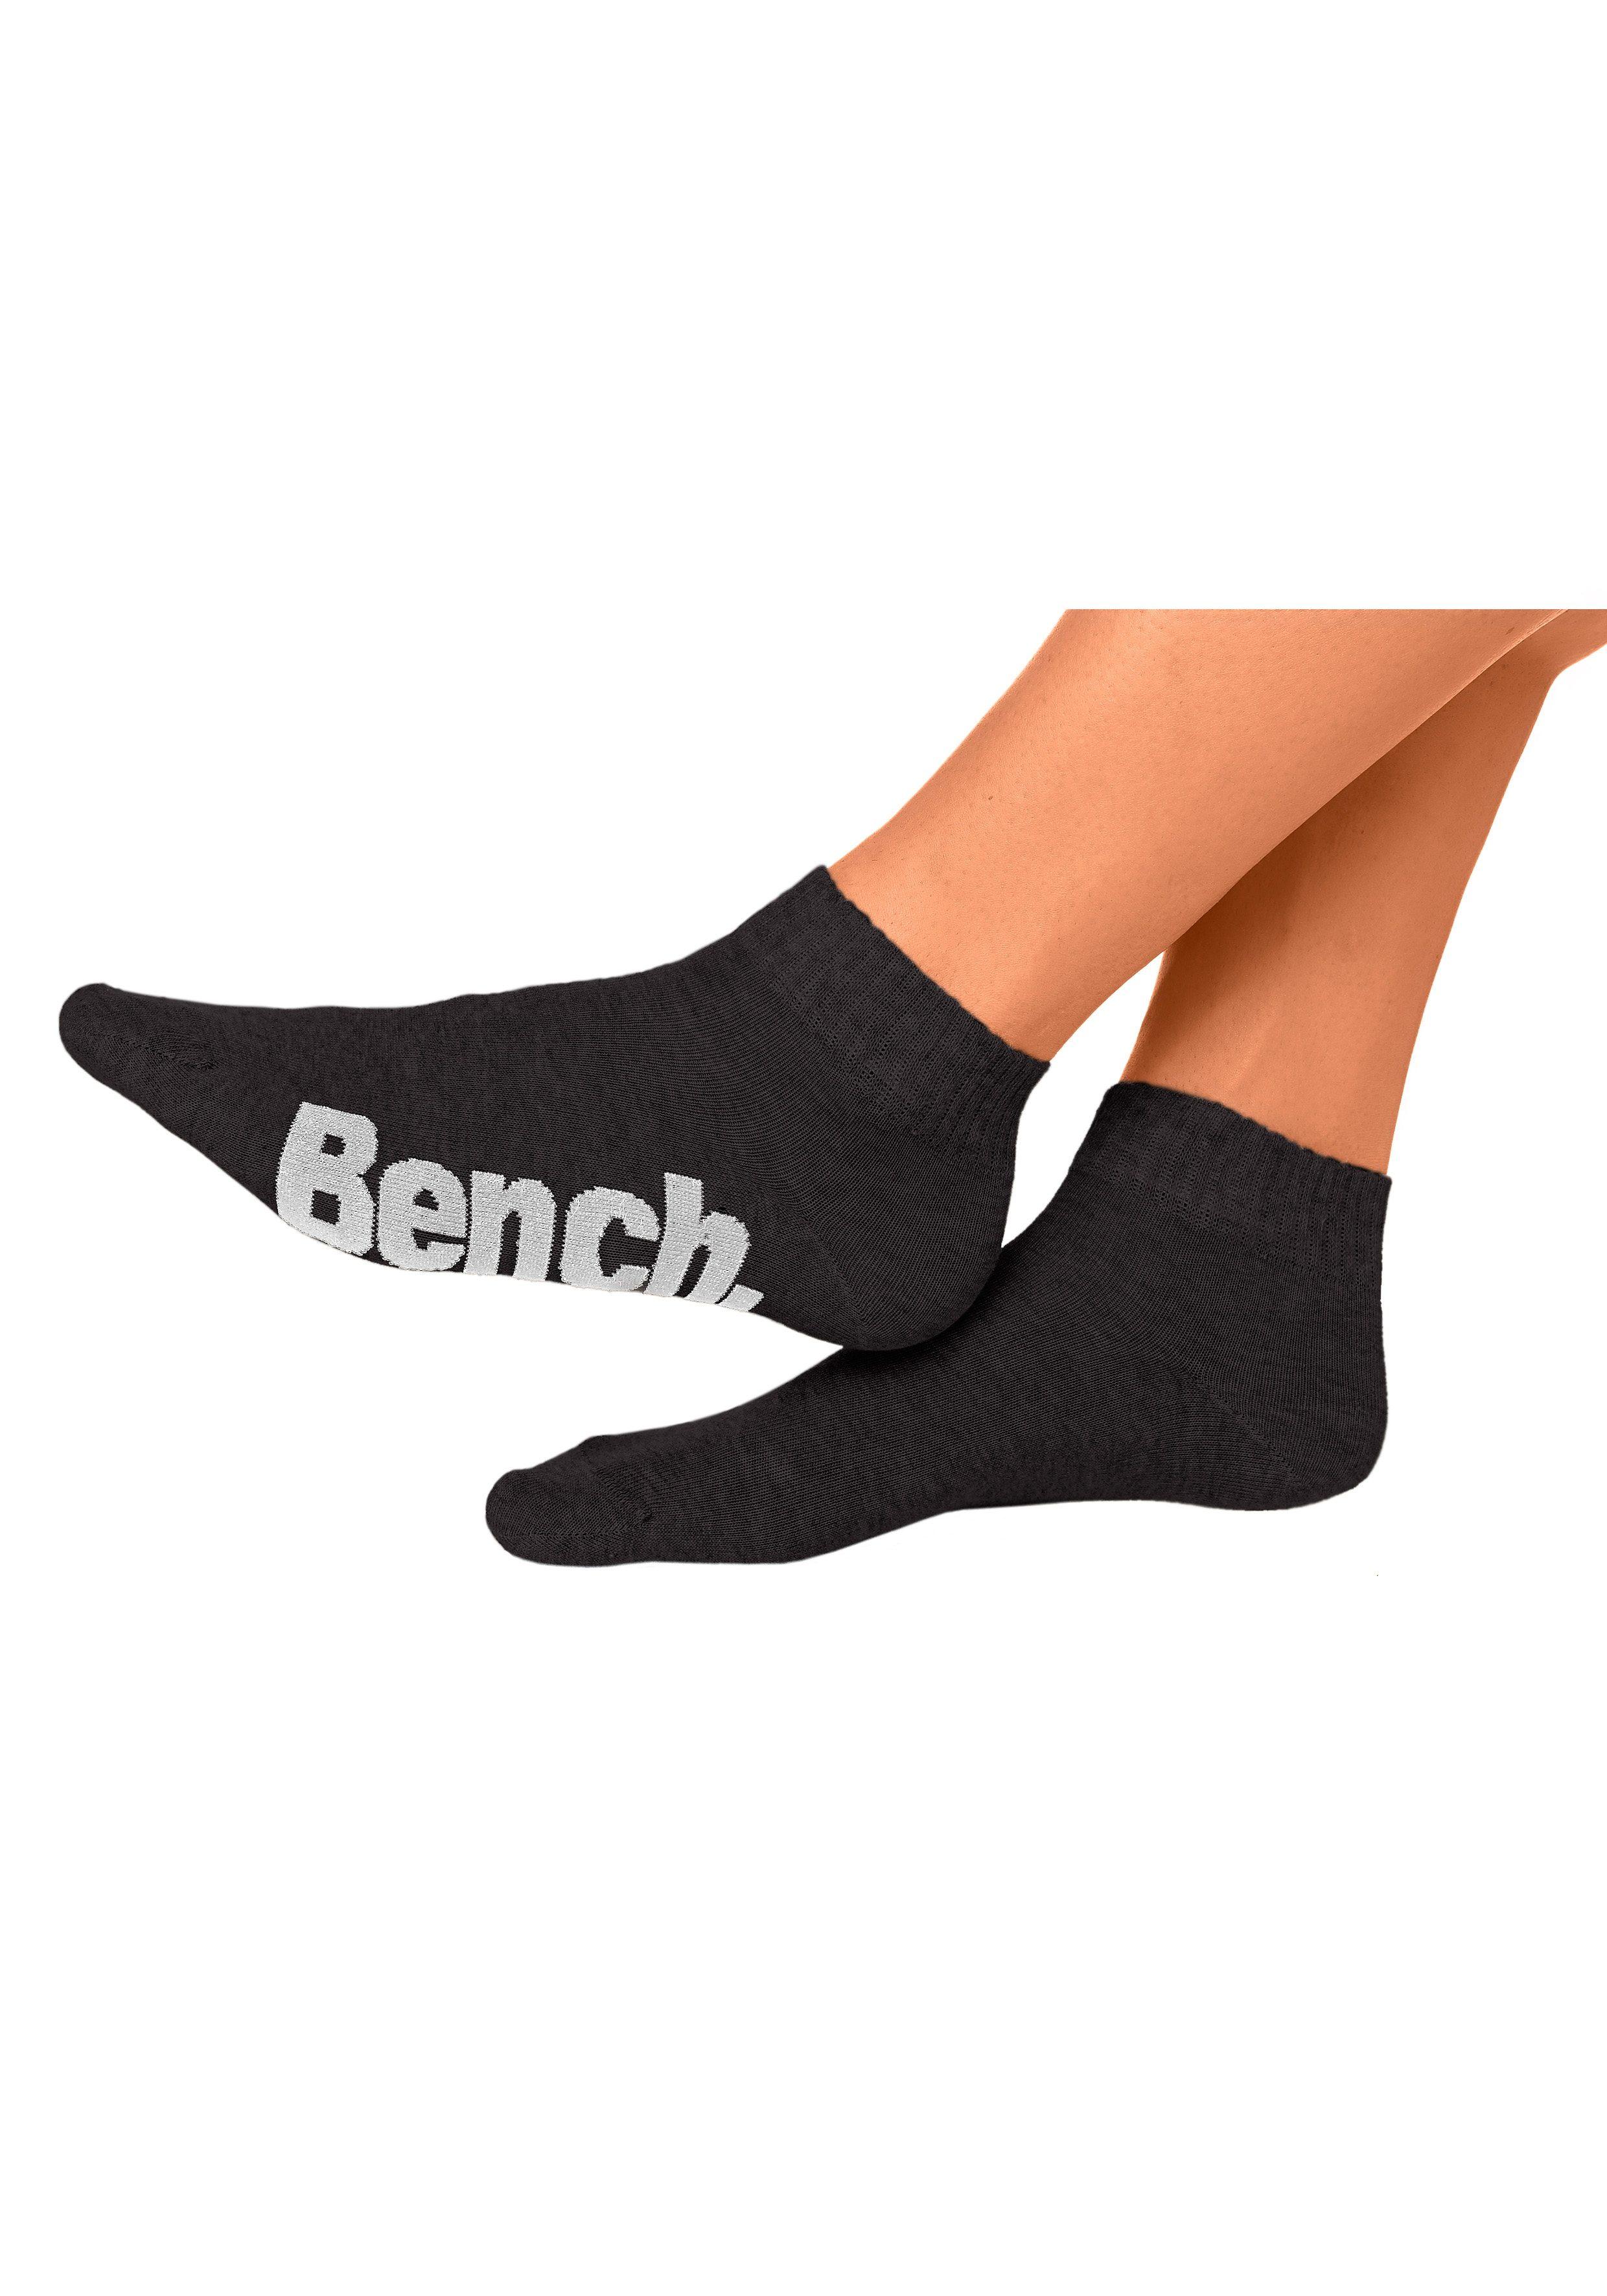 Klassieke Korte Heren-sokken (3 Paar), Bench, Mêleekwaliteit, Met Prettige Ribboord Online Shop - Geweldige Prijs